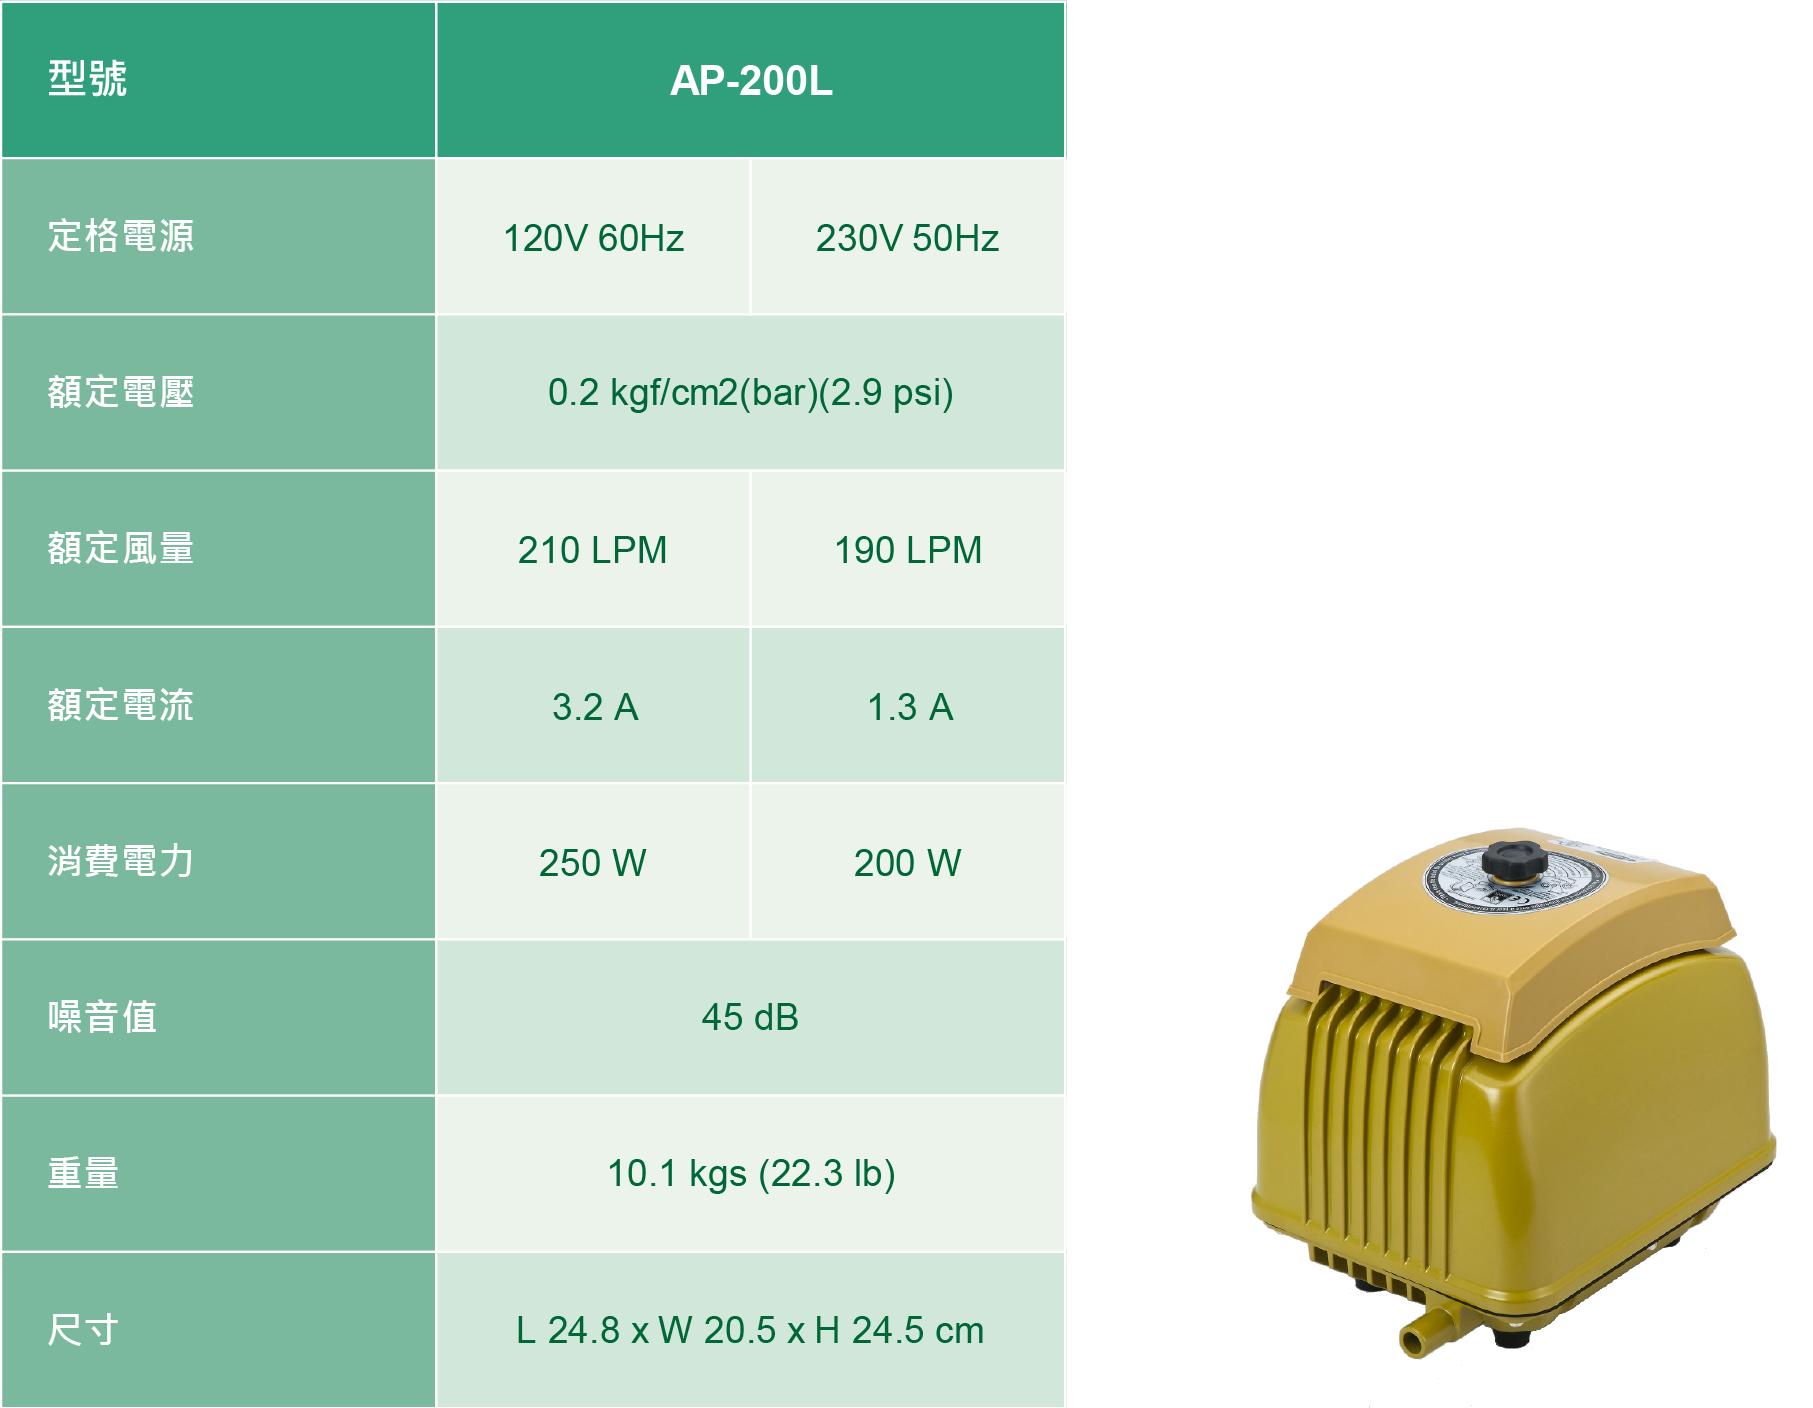 リニアエアーポンプAP-200L性能